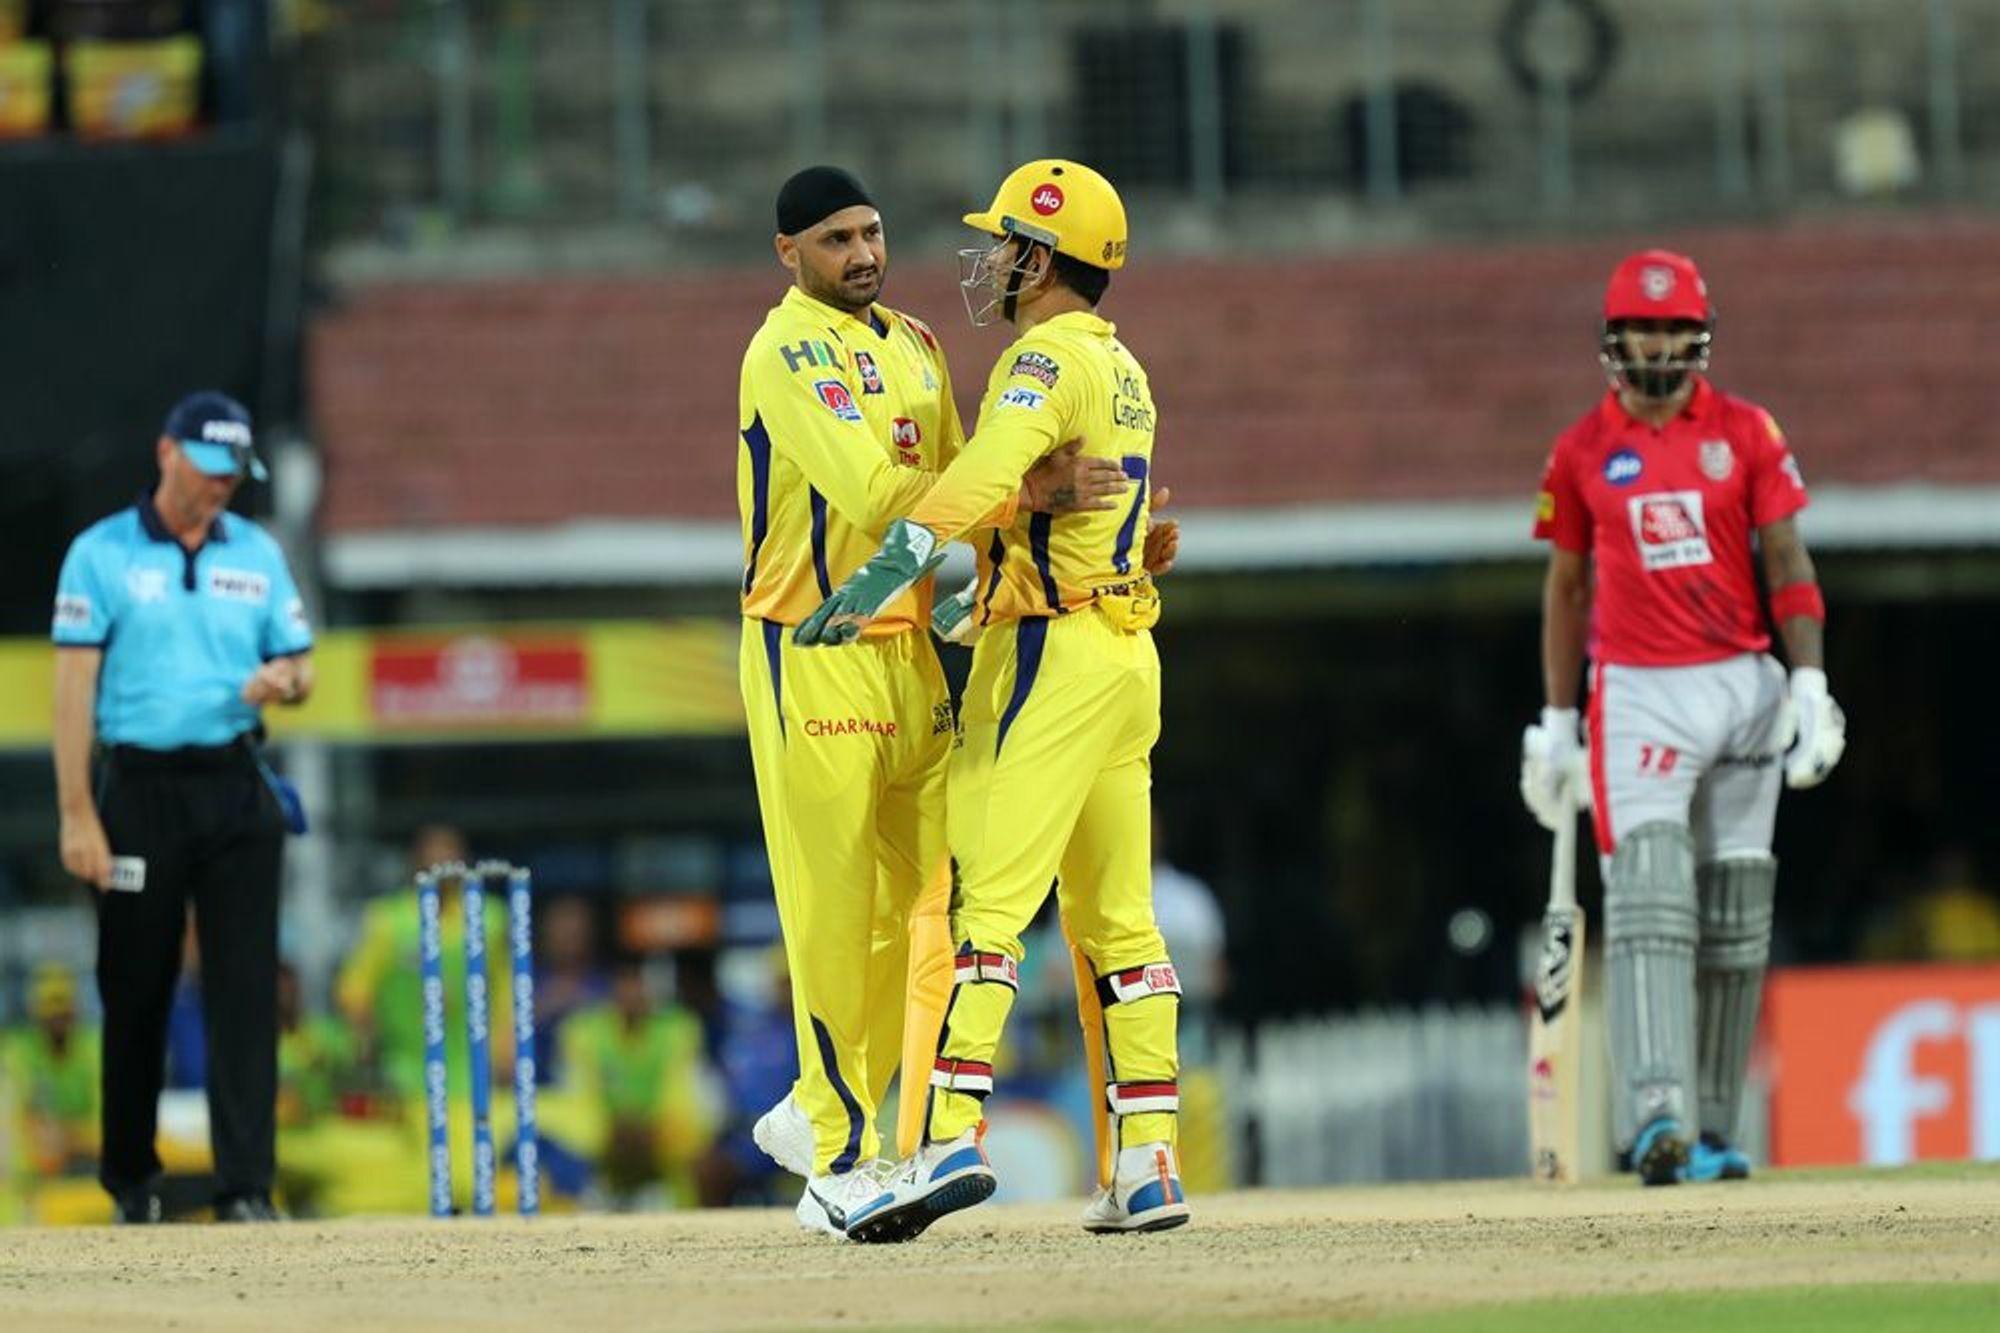 150 kmph की स्पीड से गेंदबाजी करने वाले इस भारतीय खिलाड़ी को विश्वकप टीम में देखना चाहते थे हरभजन सिंह 3